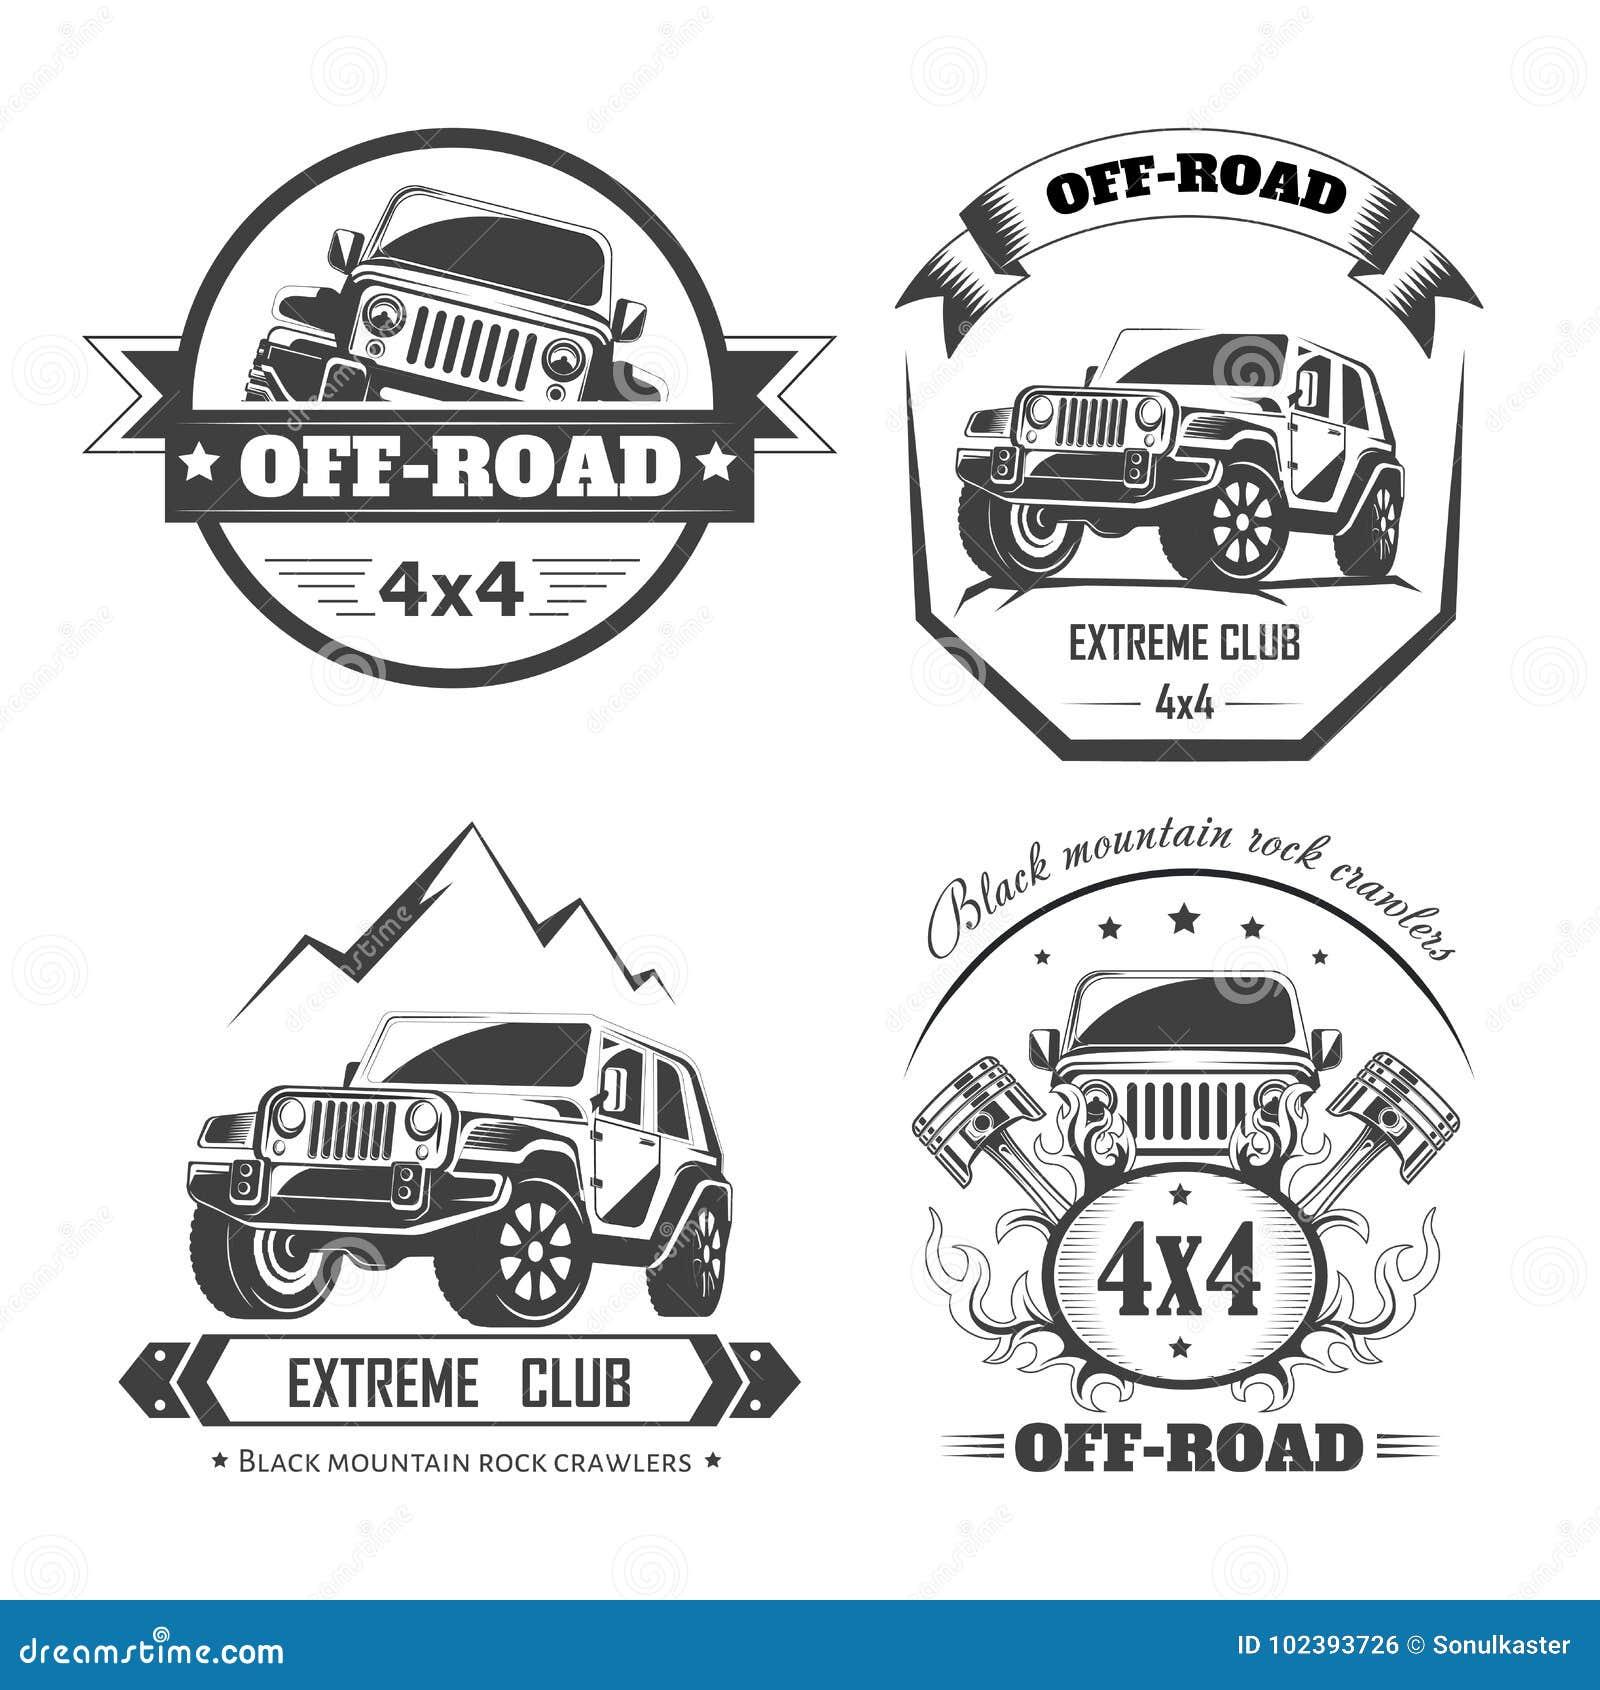 Off-road 4x4 Extreme Car Club Logo Templates. Vector Symbols Stock ...